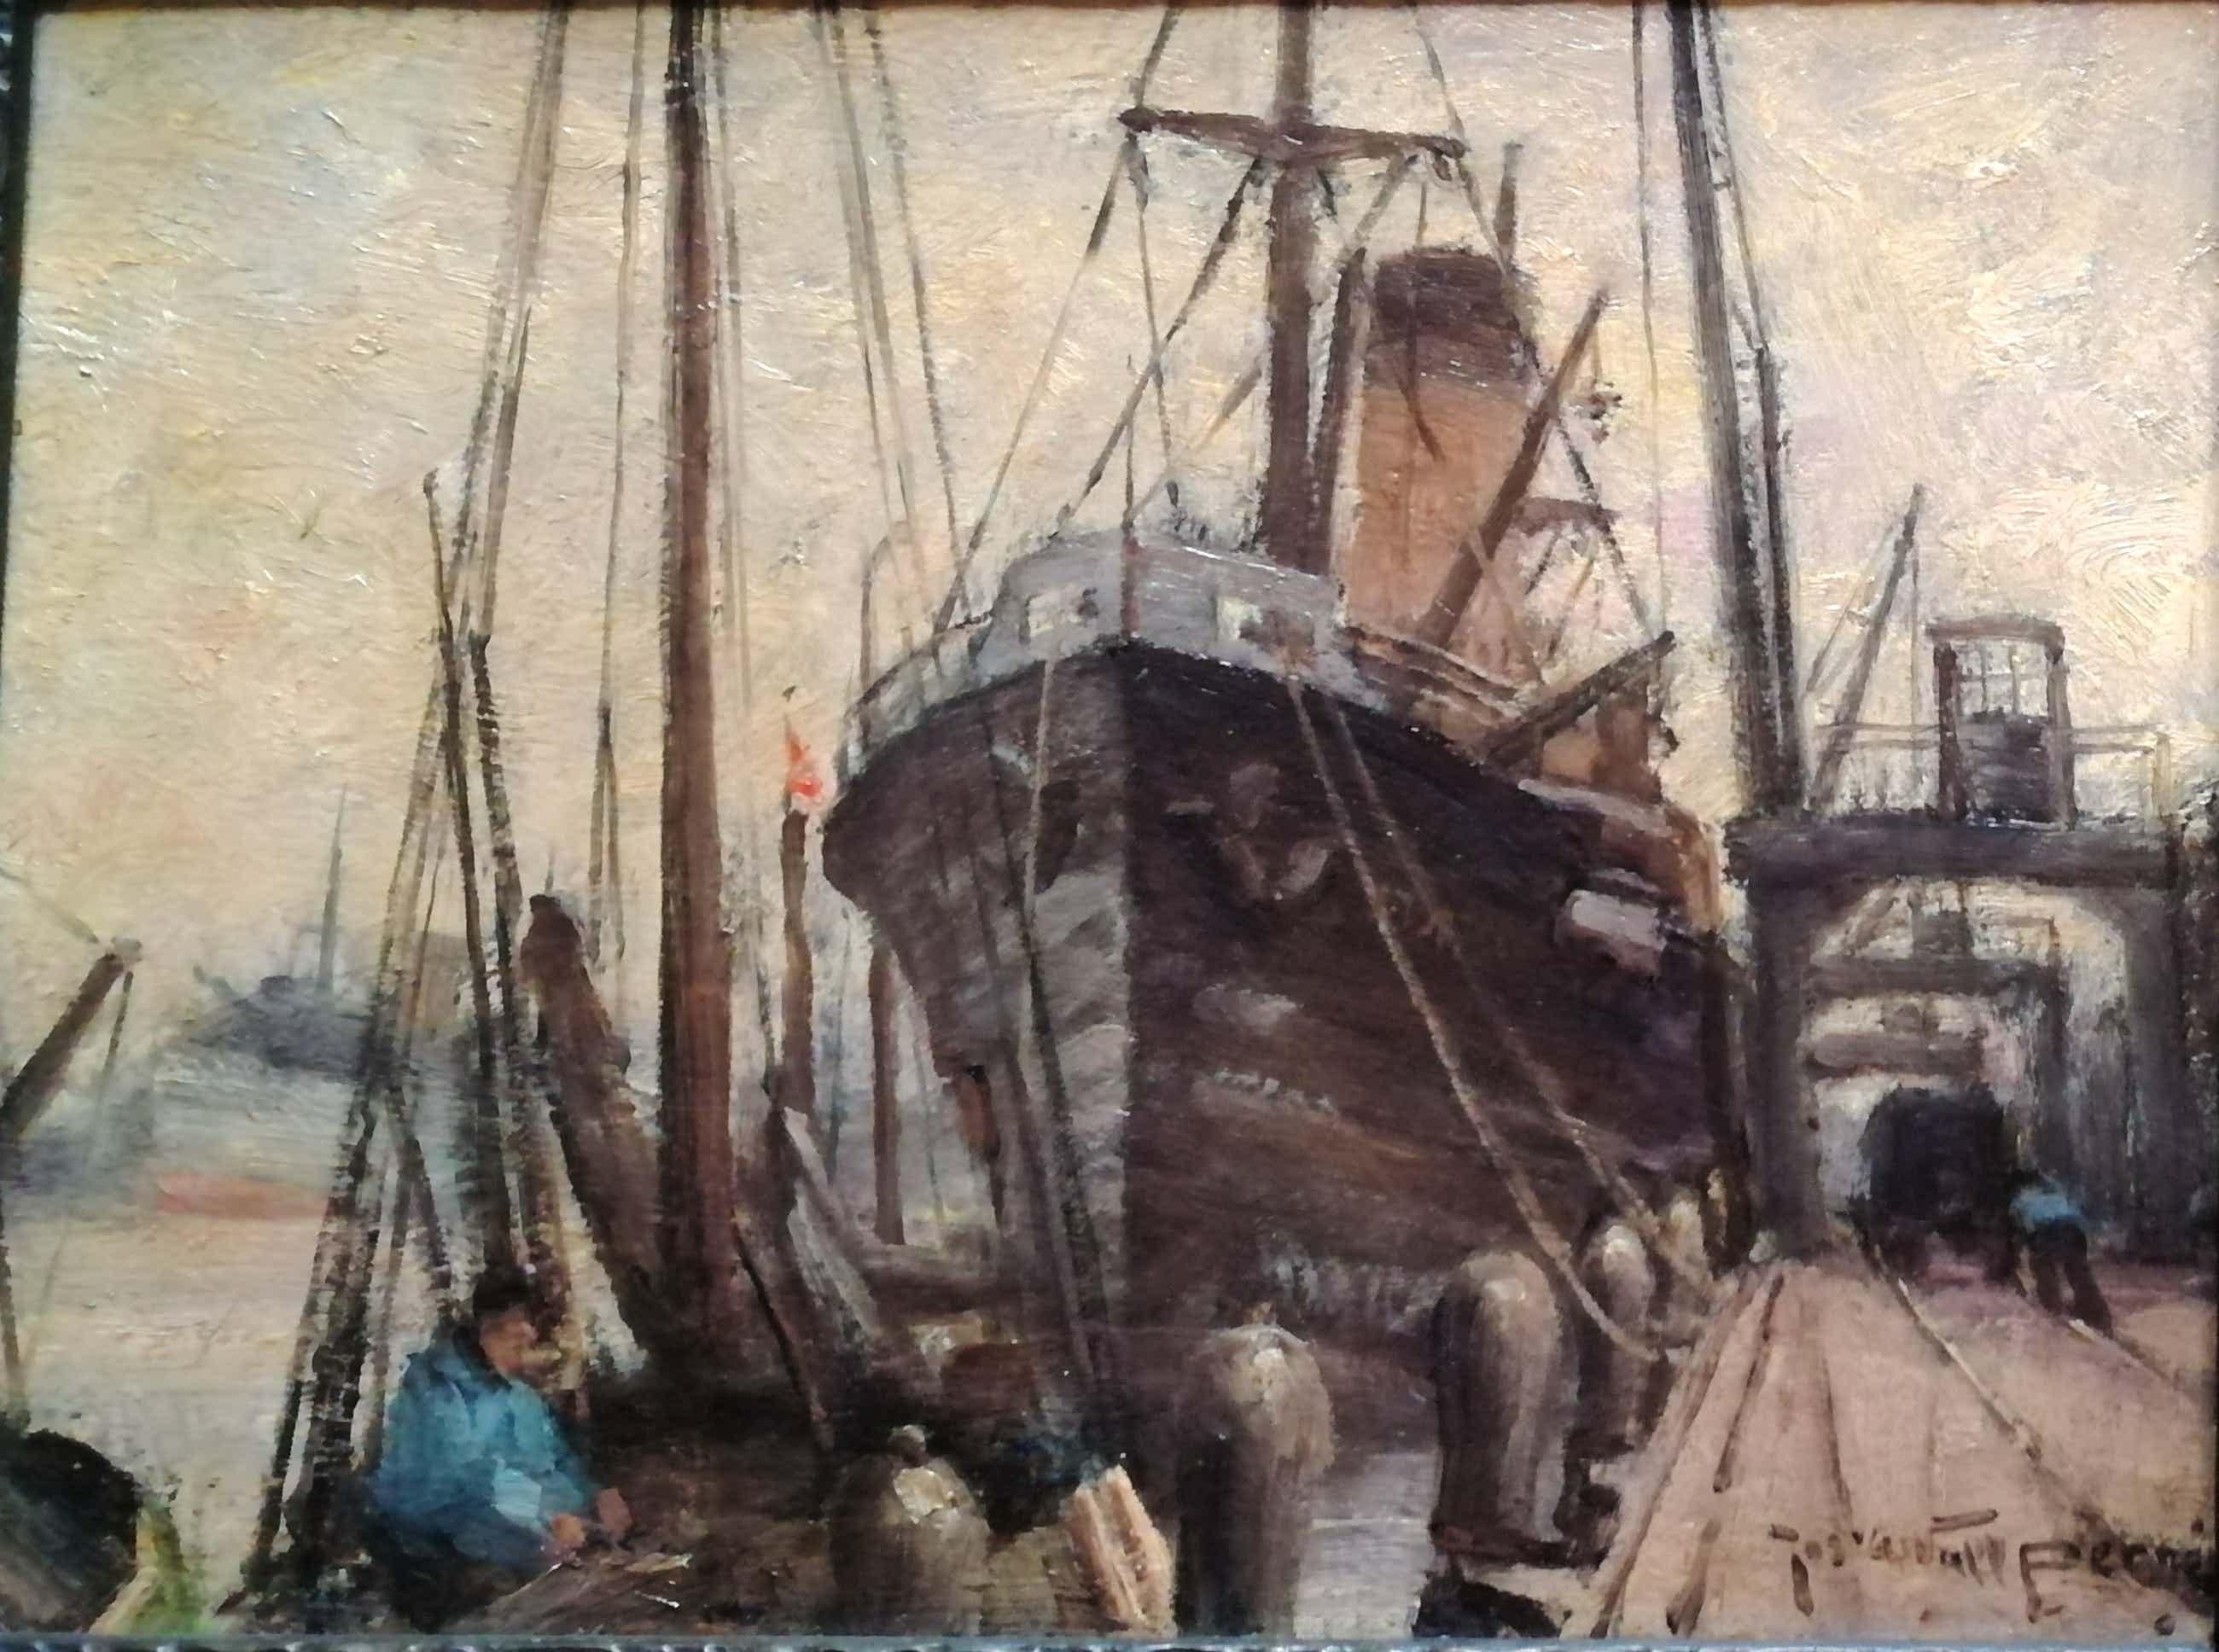 Joseph van de Wall Perne - Vrachtschip aan de kade kopen? Bied vanaf 190!